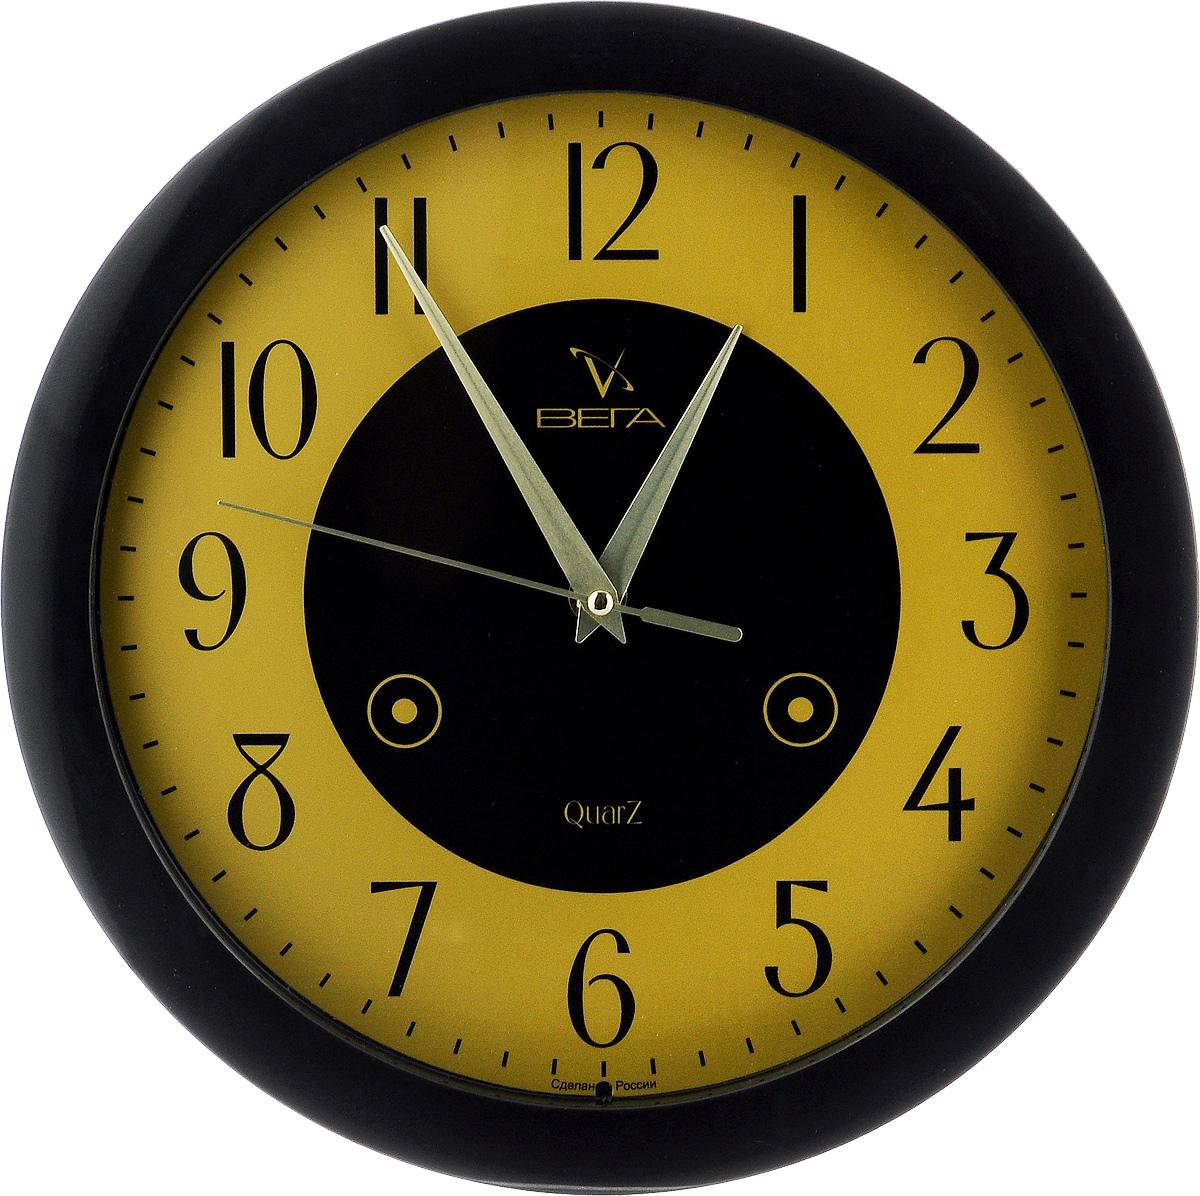 Часы настенные Вега Классика, цвет: черный, желтый, диаметр 28,5 см. П1-6/6П1-6/6-16Настенные кварцевые часы Вега Классика, изготовленные из пластика, прекрасно впишутся в интерьер вашего дома. Круглые часы имеют три стрелки: часовую, минутную и секундную, циферблат защищен прозрачным стеклом. Часы работают от 1 батарейки типа АА напряжением 1,5 В (не входит в комплект). Диаметр часов: 28,5 см.